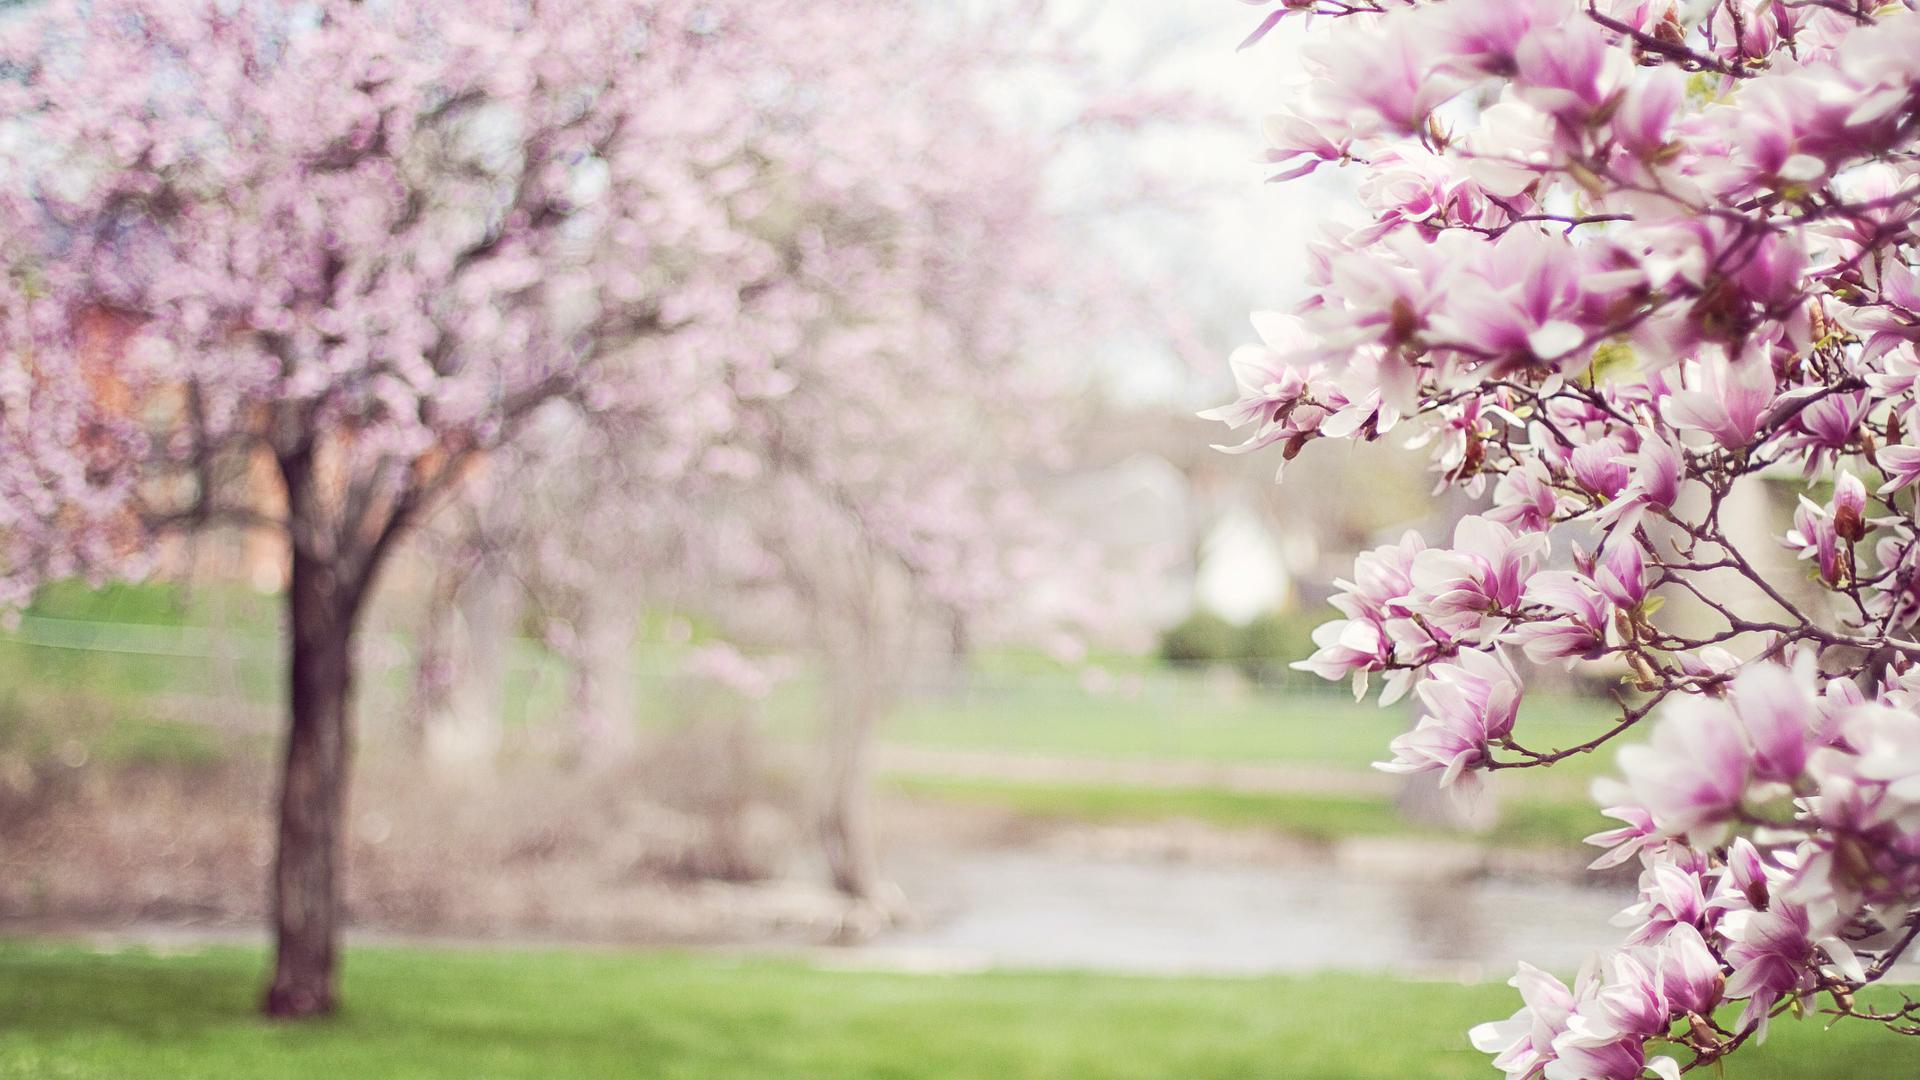 Oggi l'equinozio di primavera: l'evento che segna l'inizio della nuova stagione